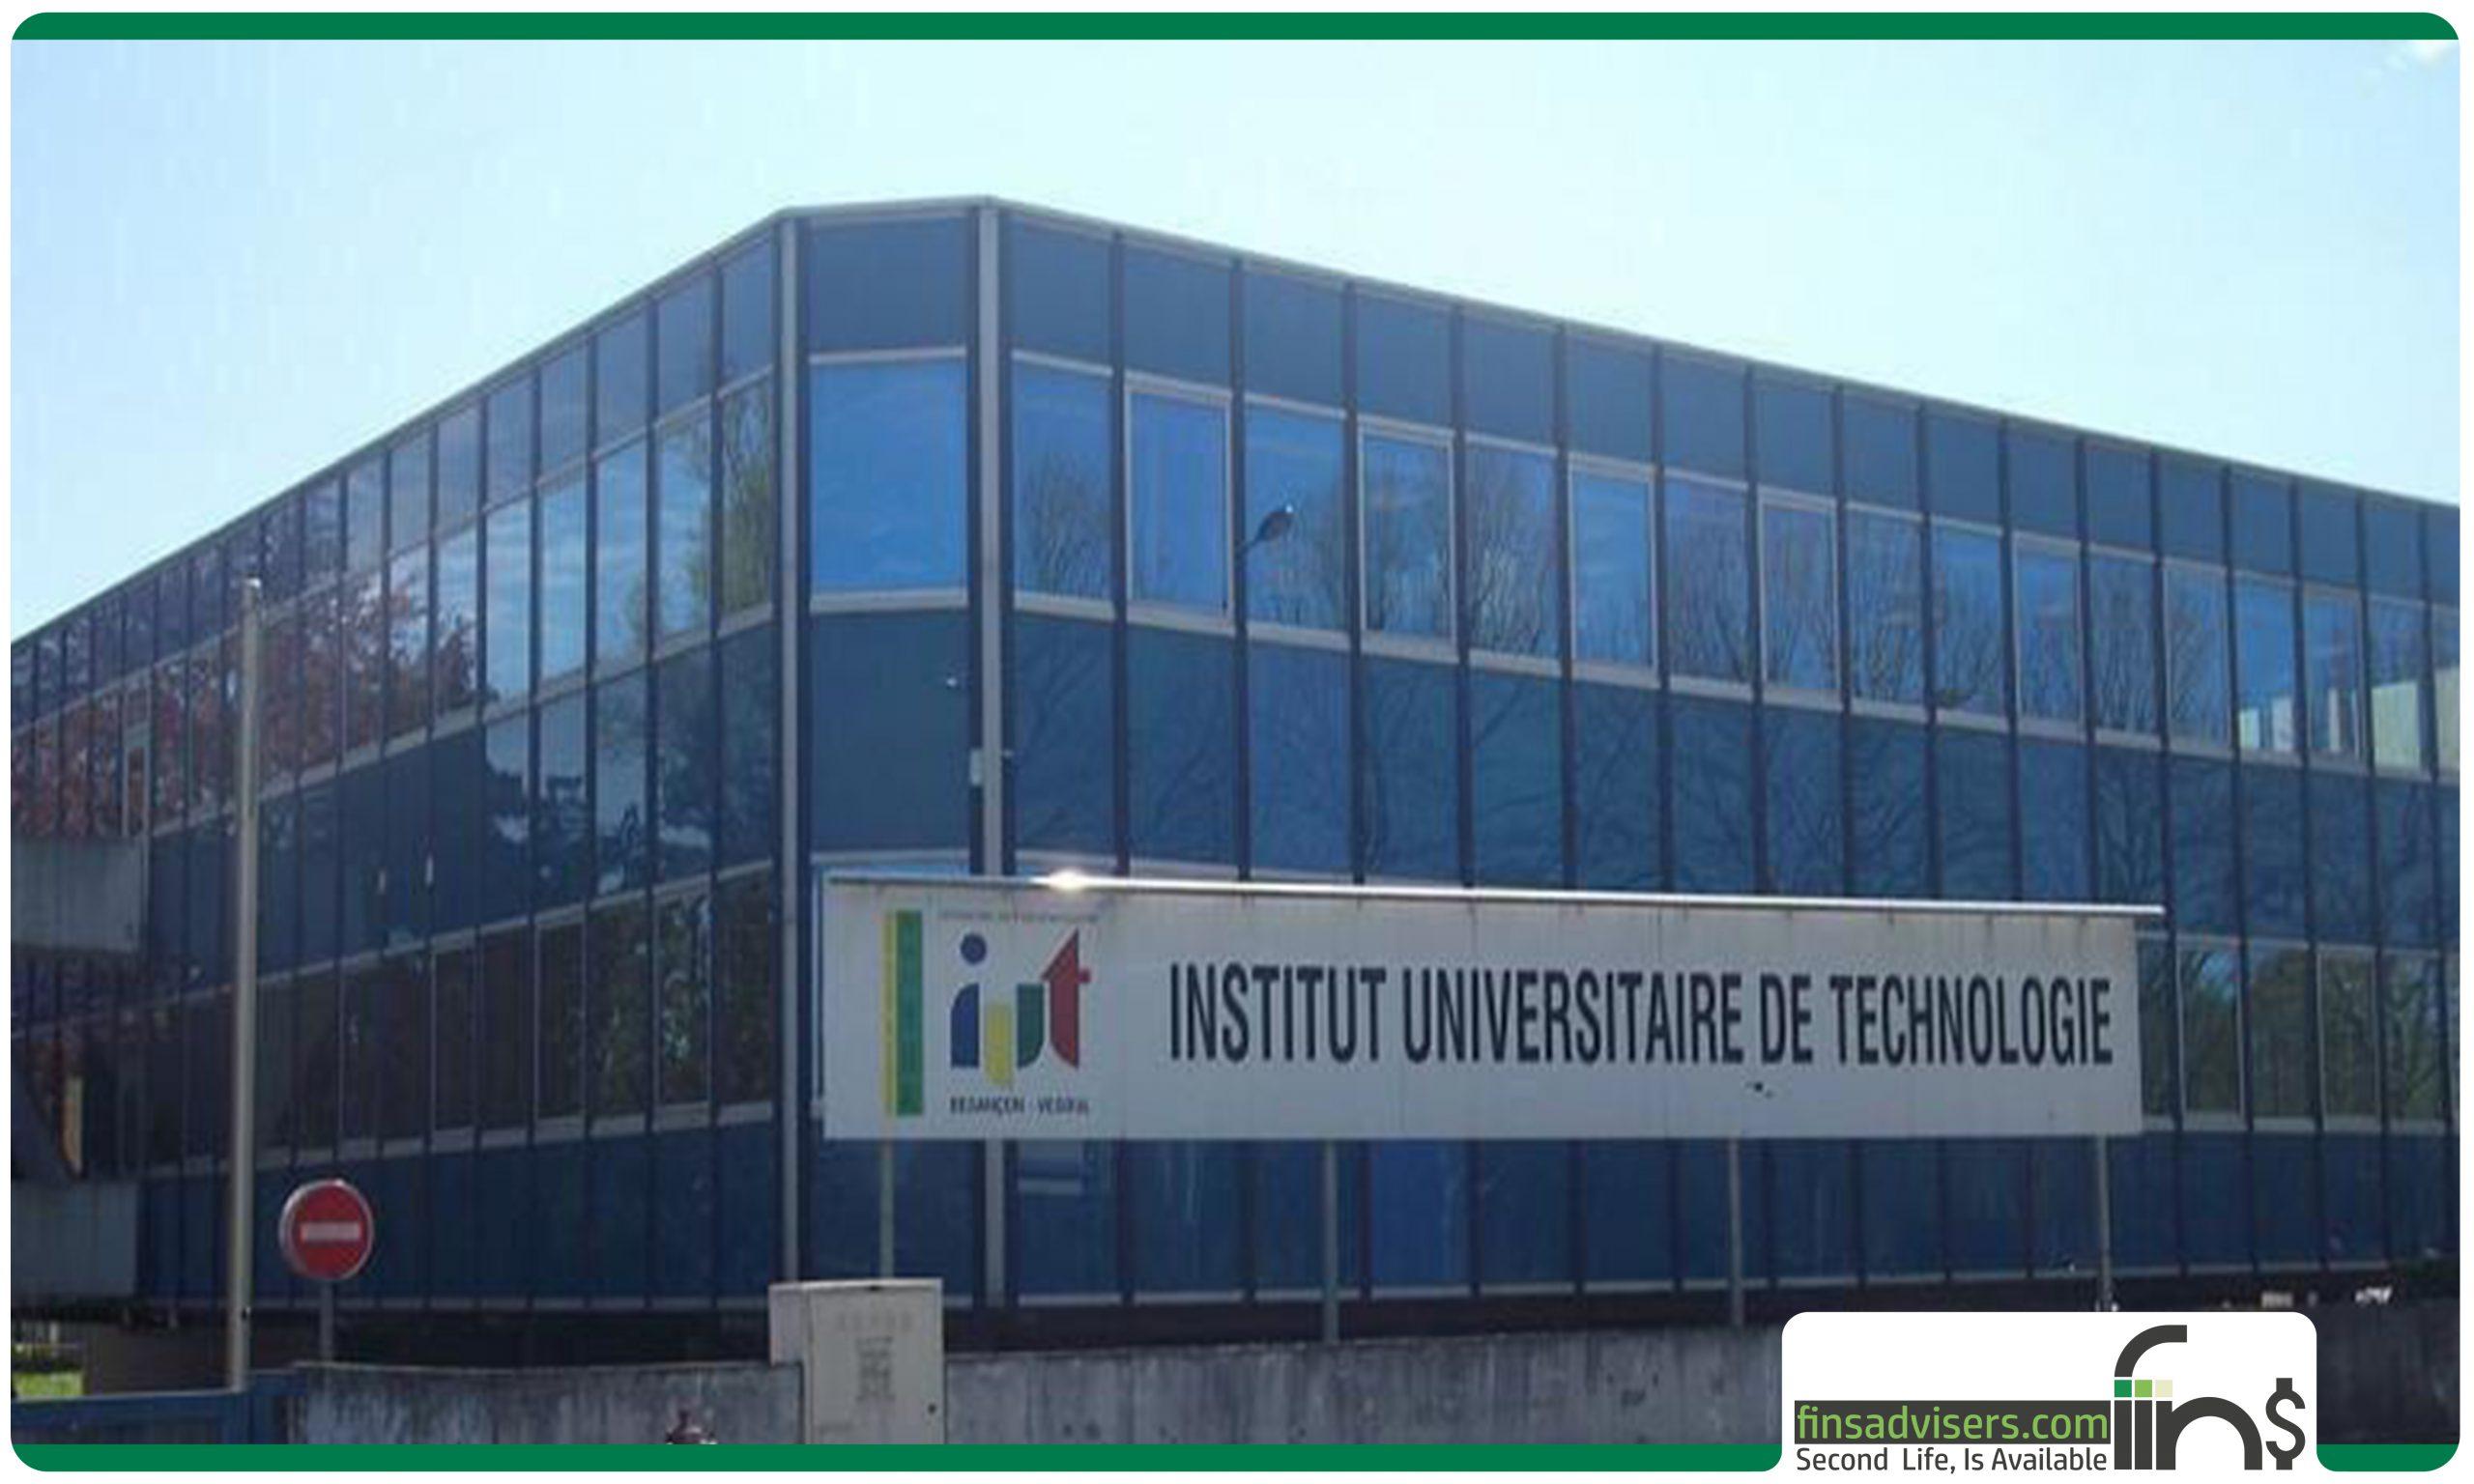 دانشگاههای فرانسه برای غیر اروپاییها بار دیگر رایگان میشود